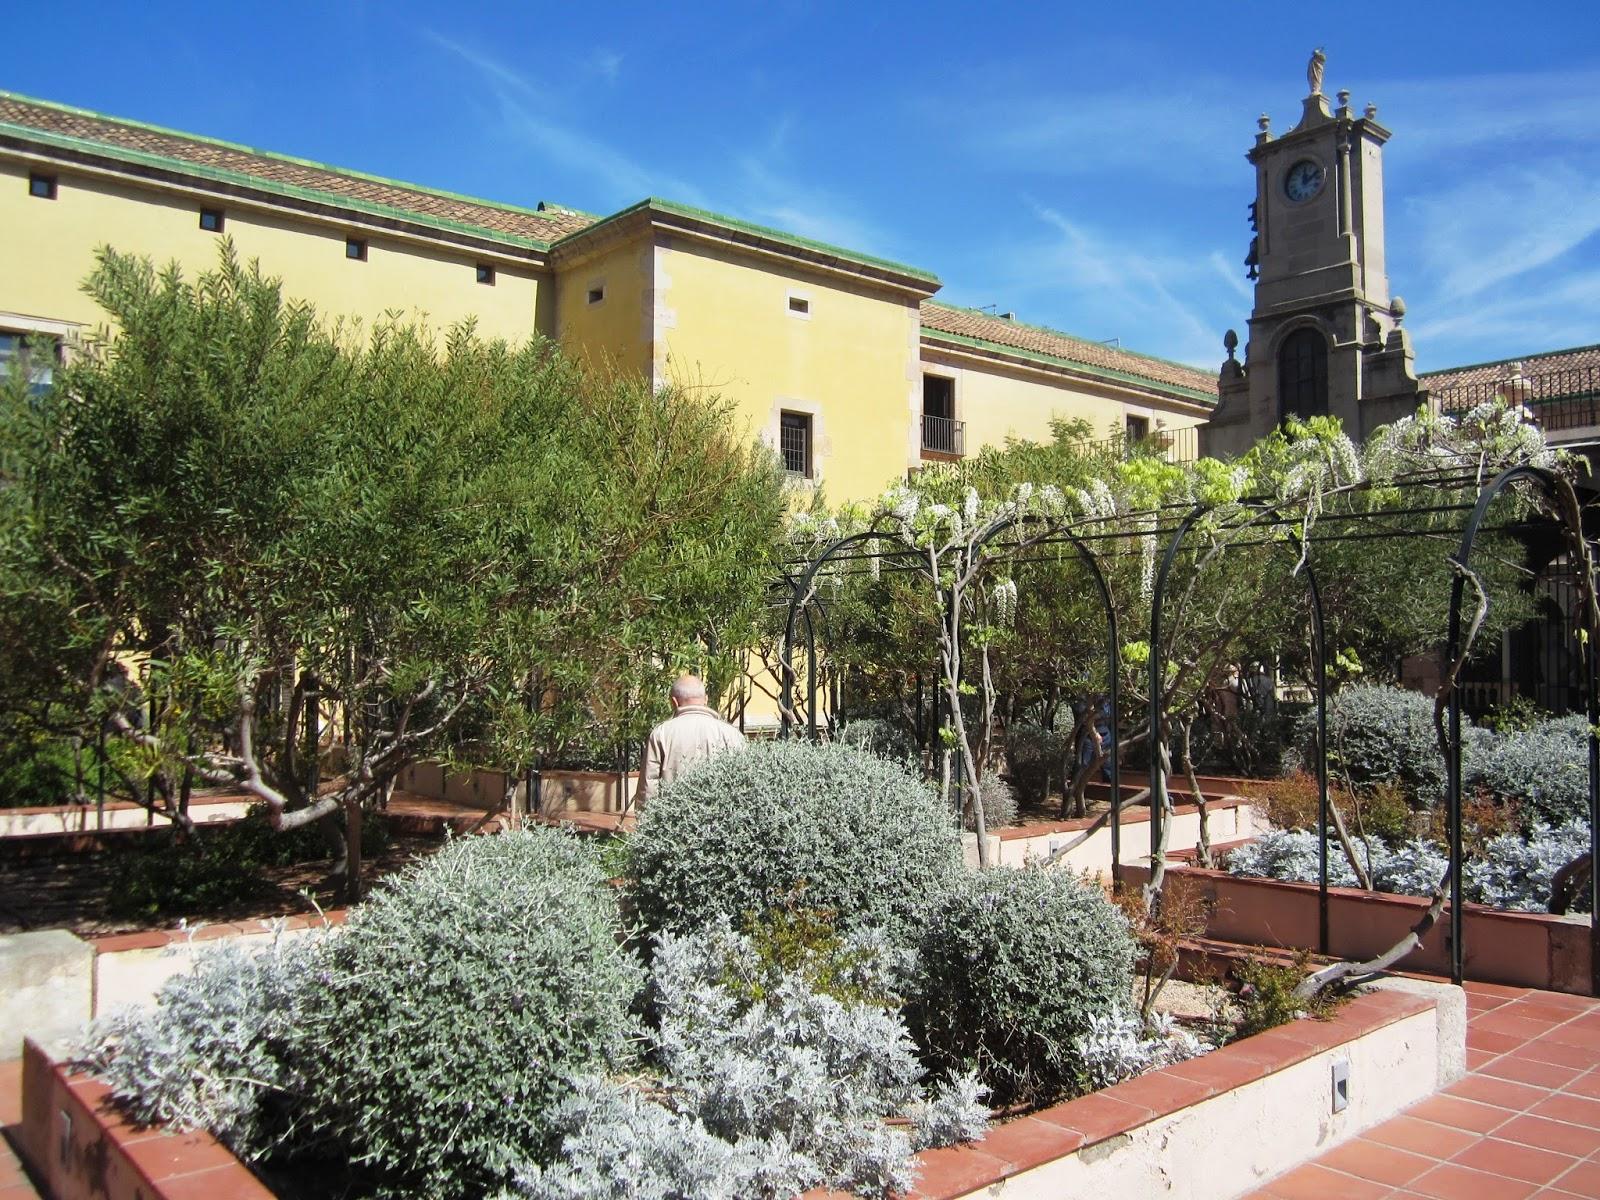 Redescubriendo barcelona y m s all 14 04 2016 casa de - Antigua casa jove ...